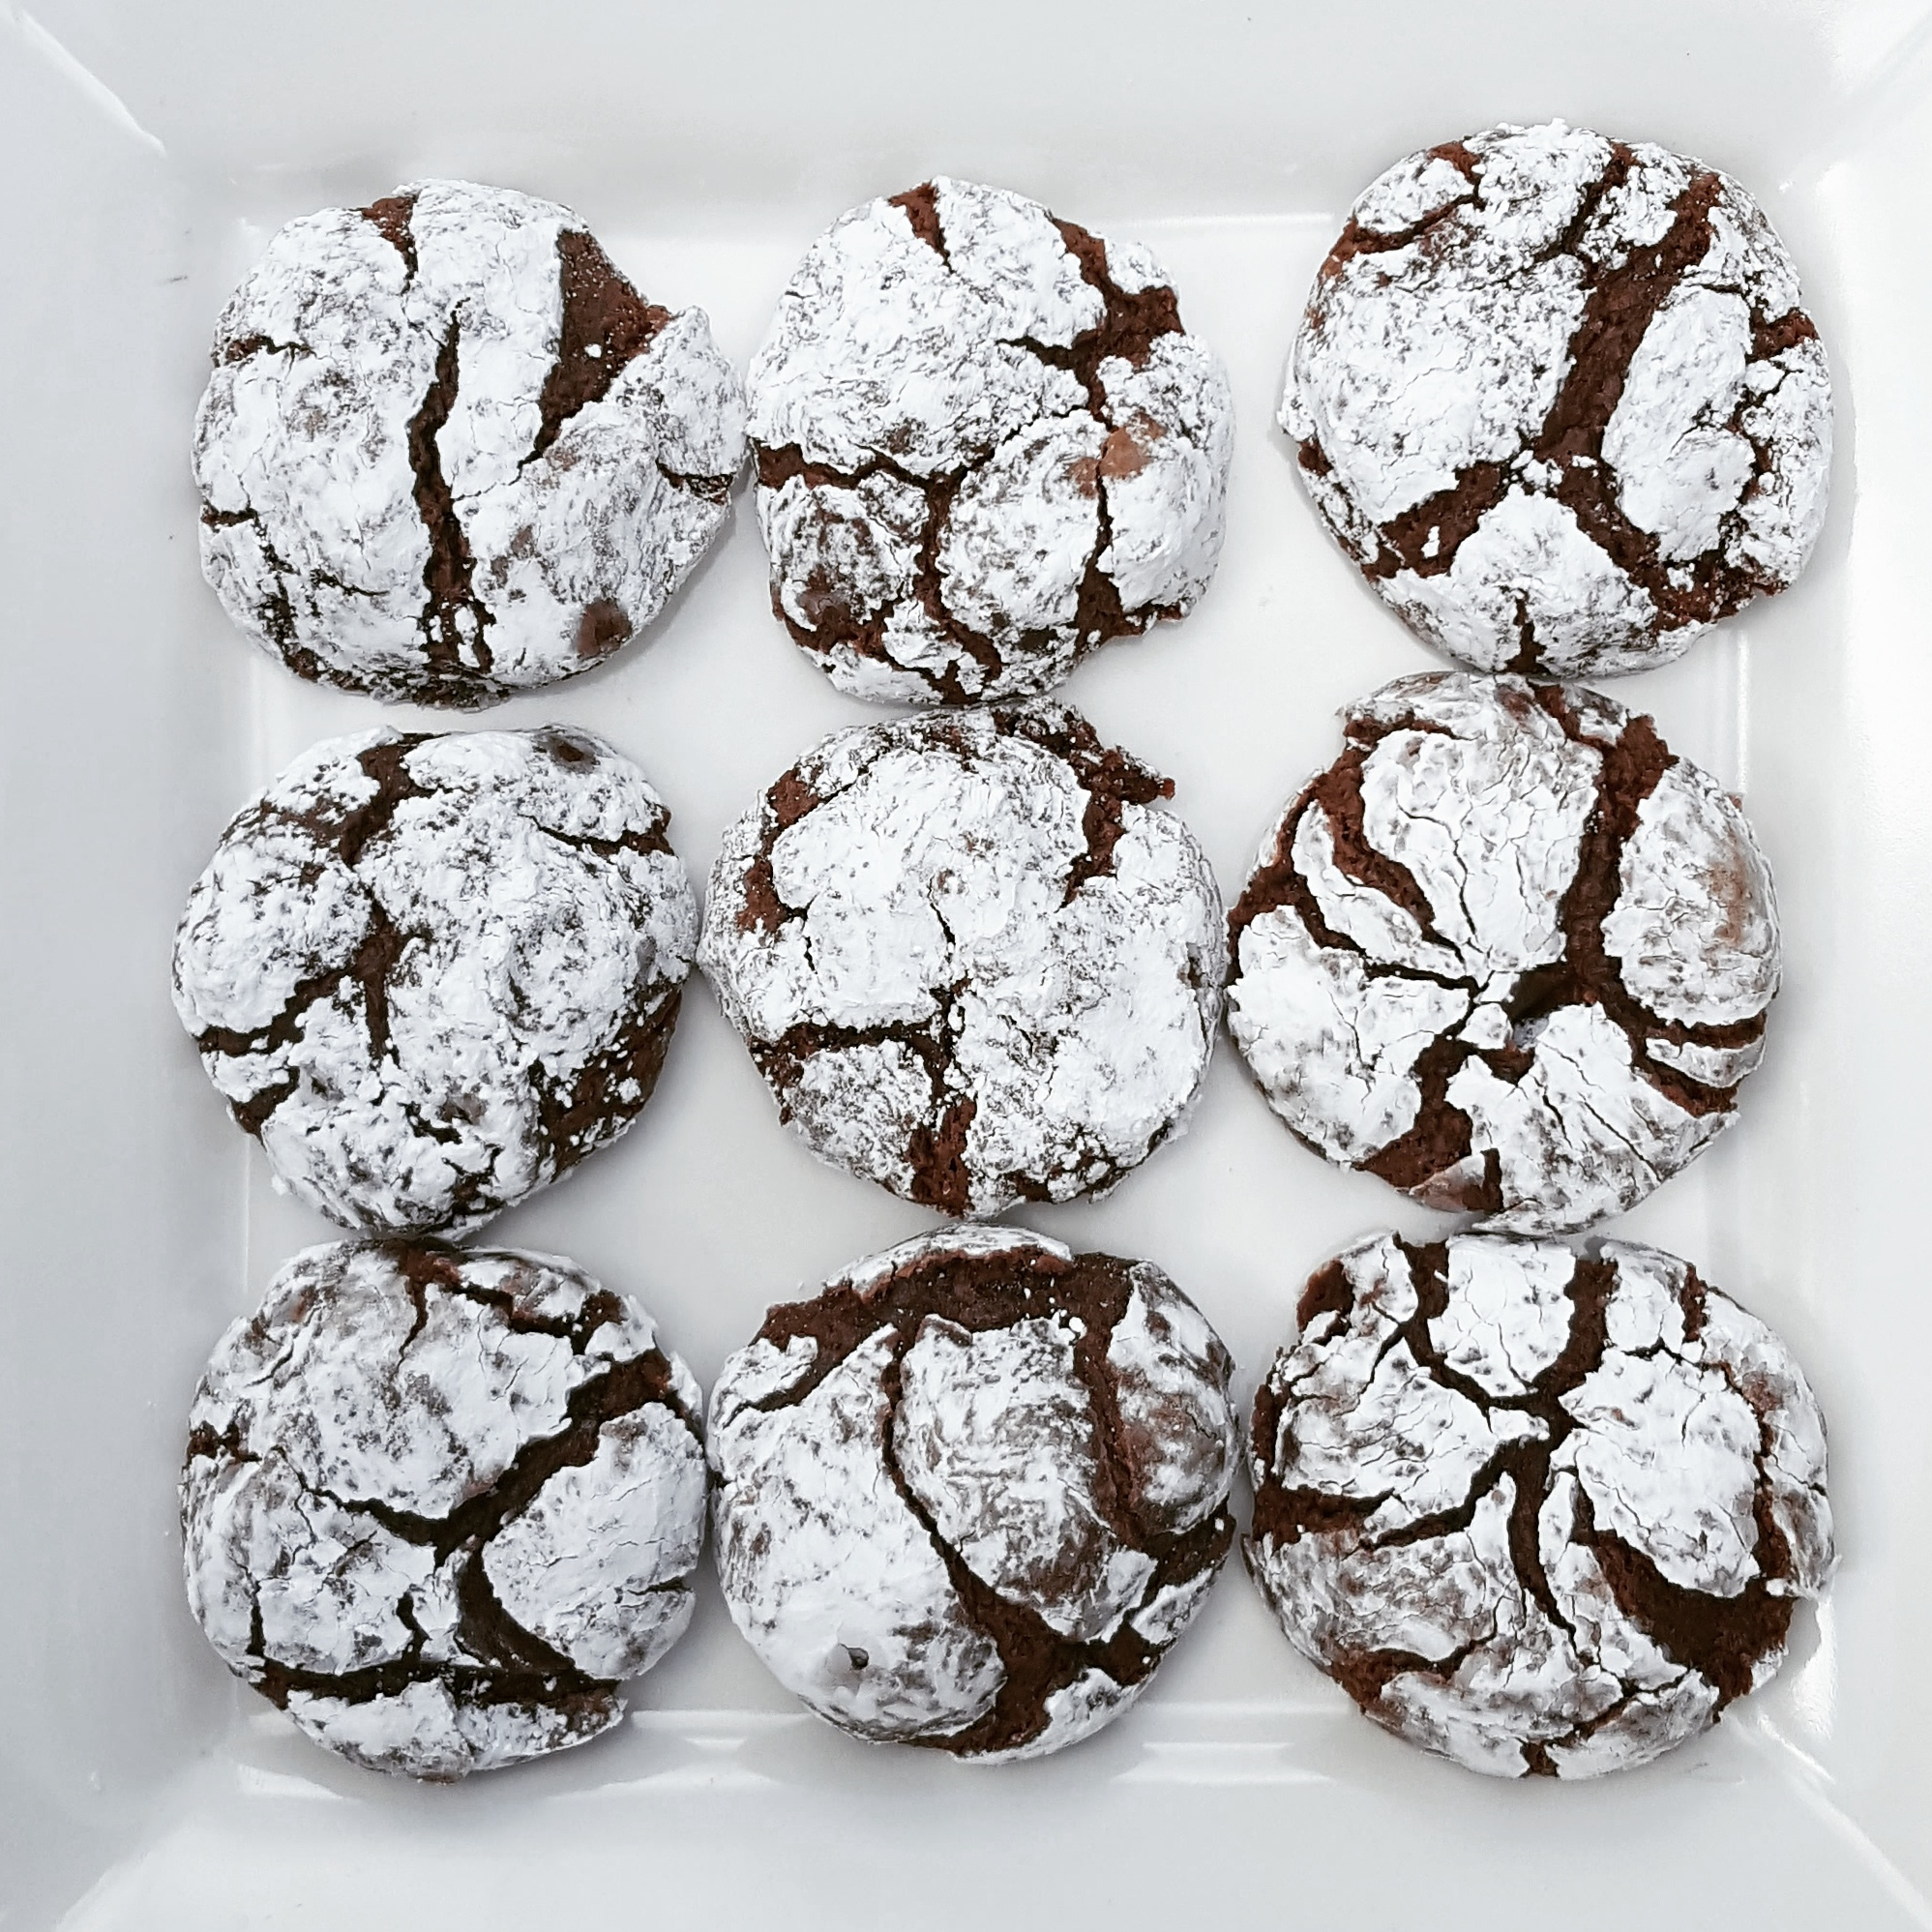 Crinkle Cookies aka almost everyone's favorite but mine.